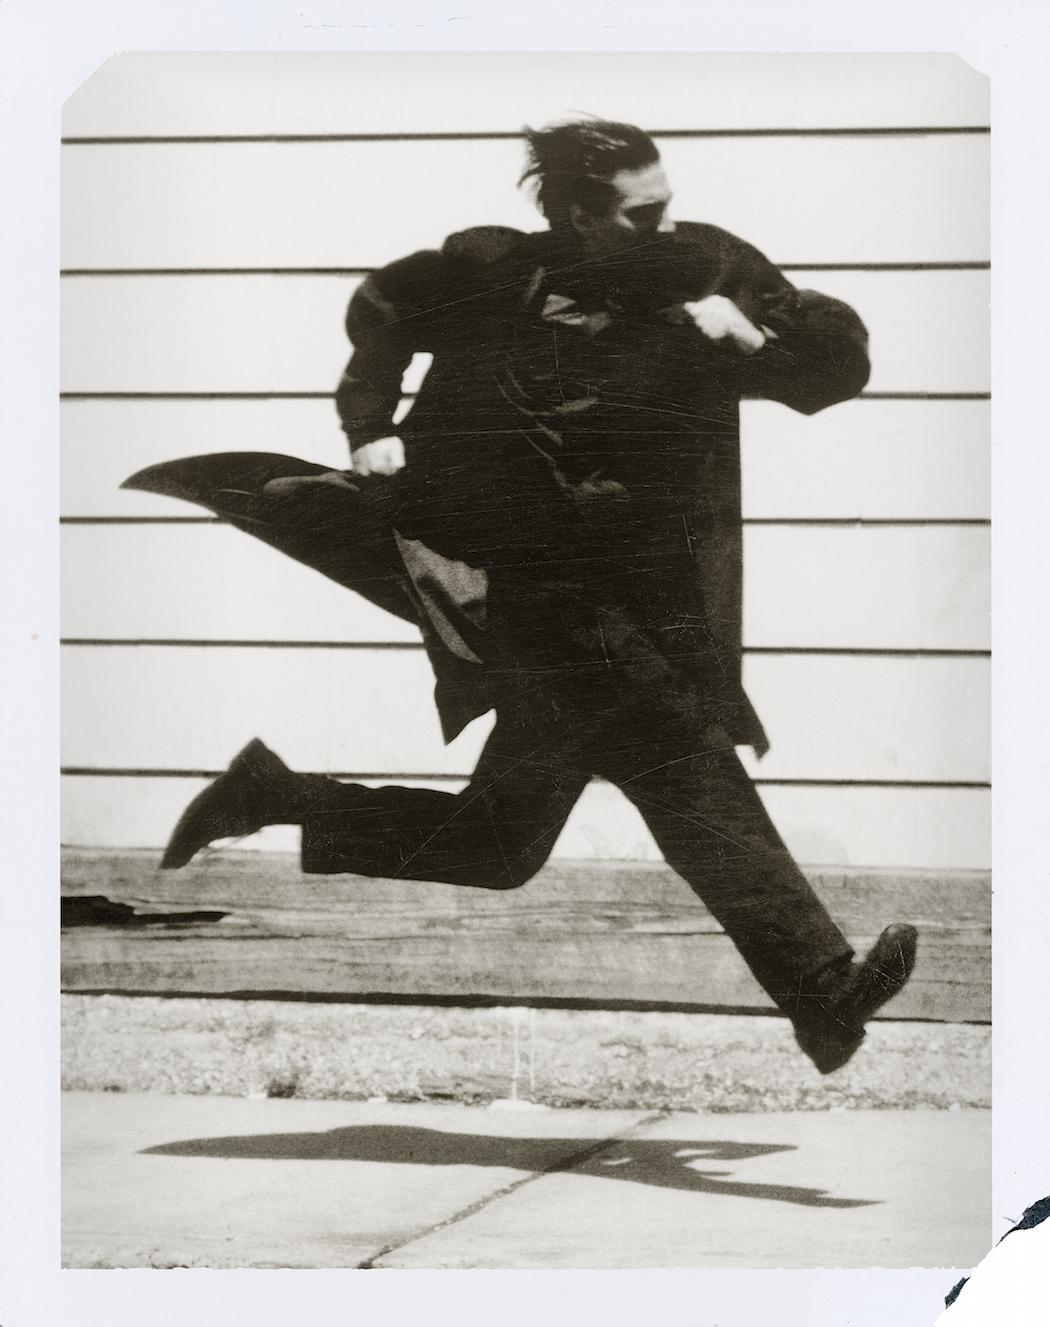 WATSON_Running-Man_Luomo-Vogue_San-Francisco_1992_polaroid